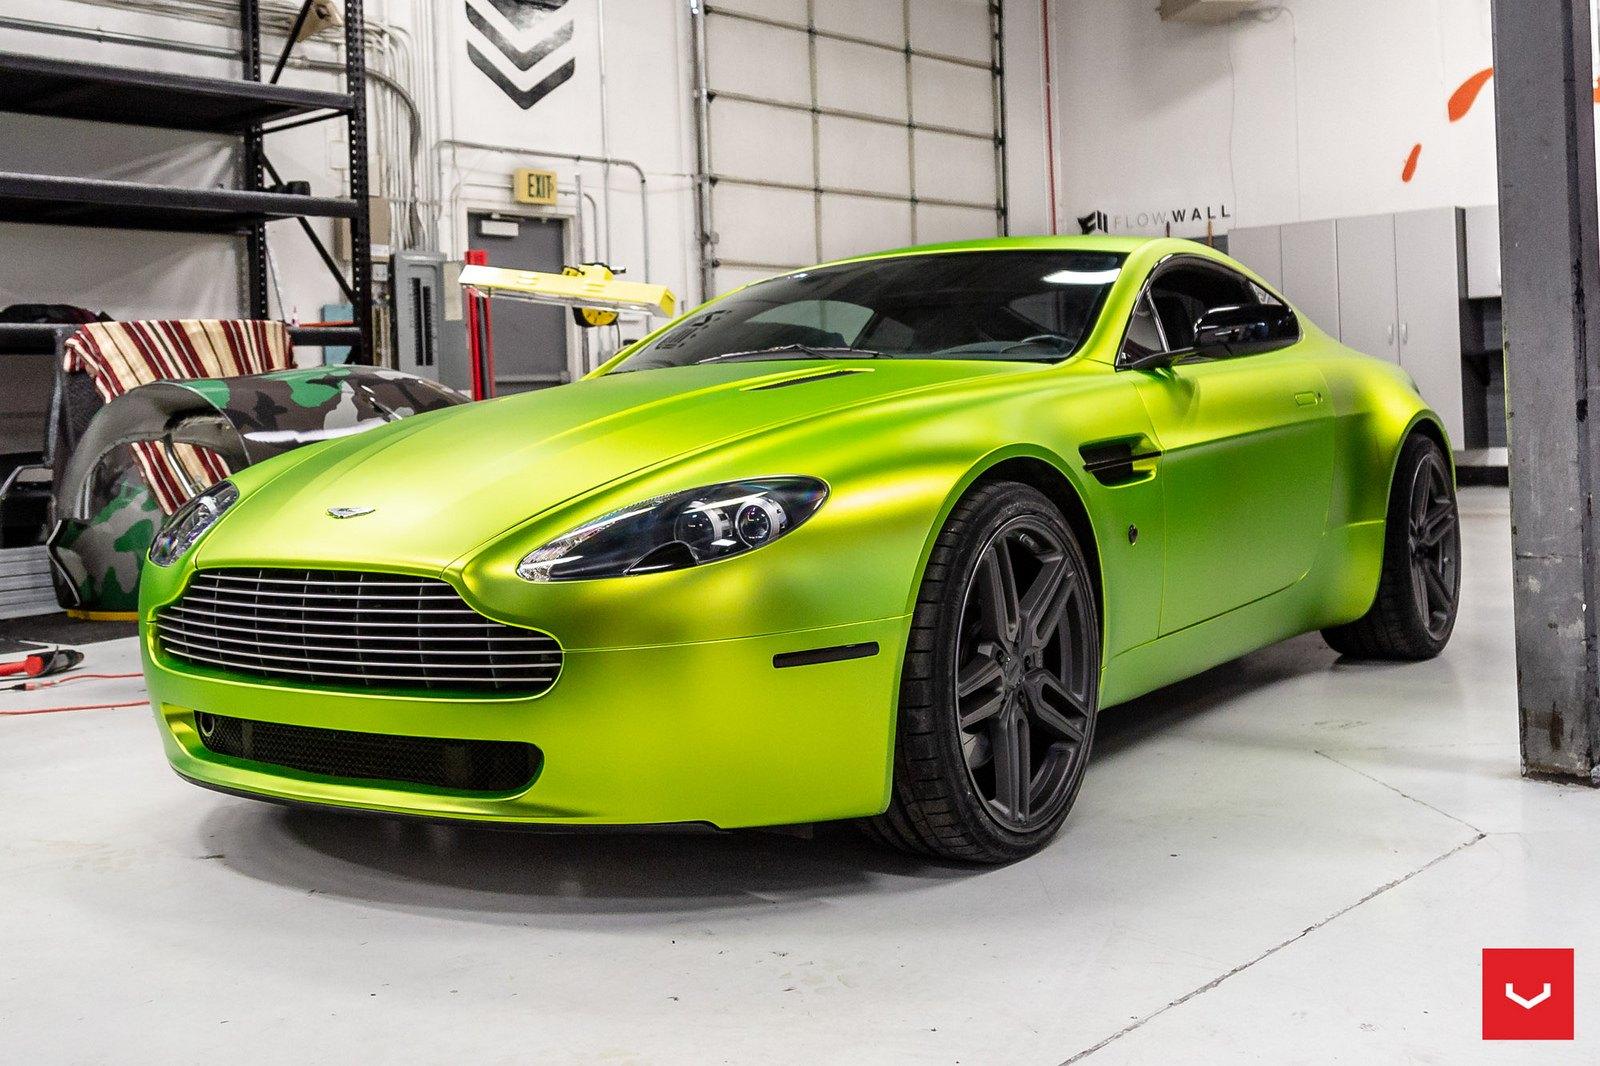 Custom Aston Martin Images Mods Photos Upgrades Carid Com Gallery